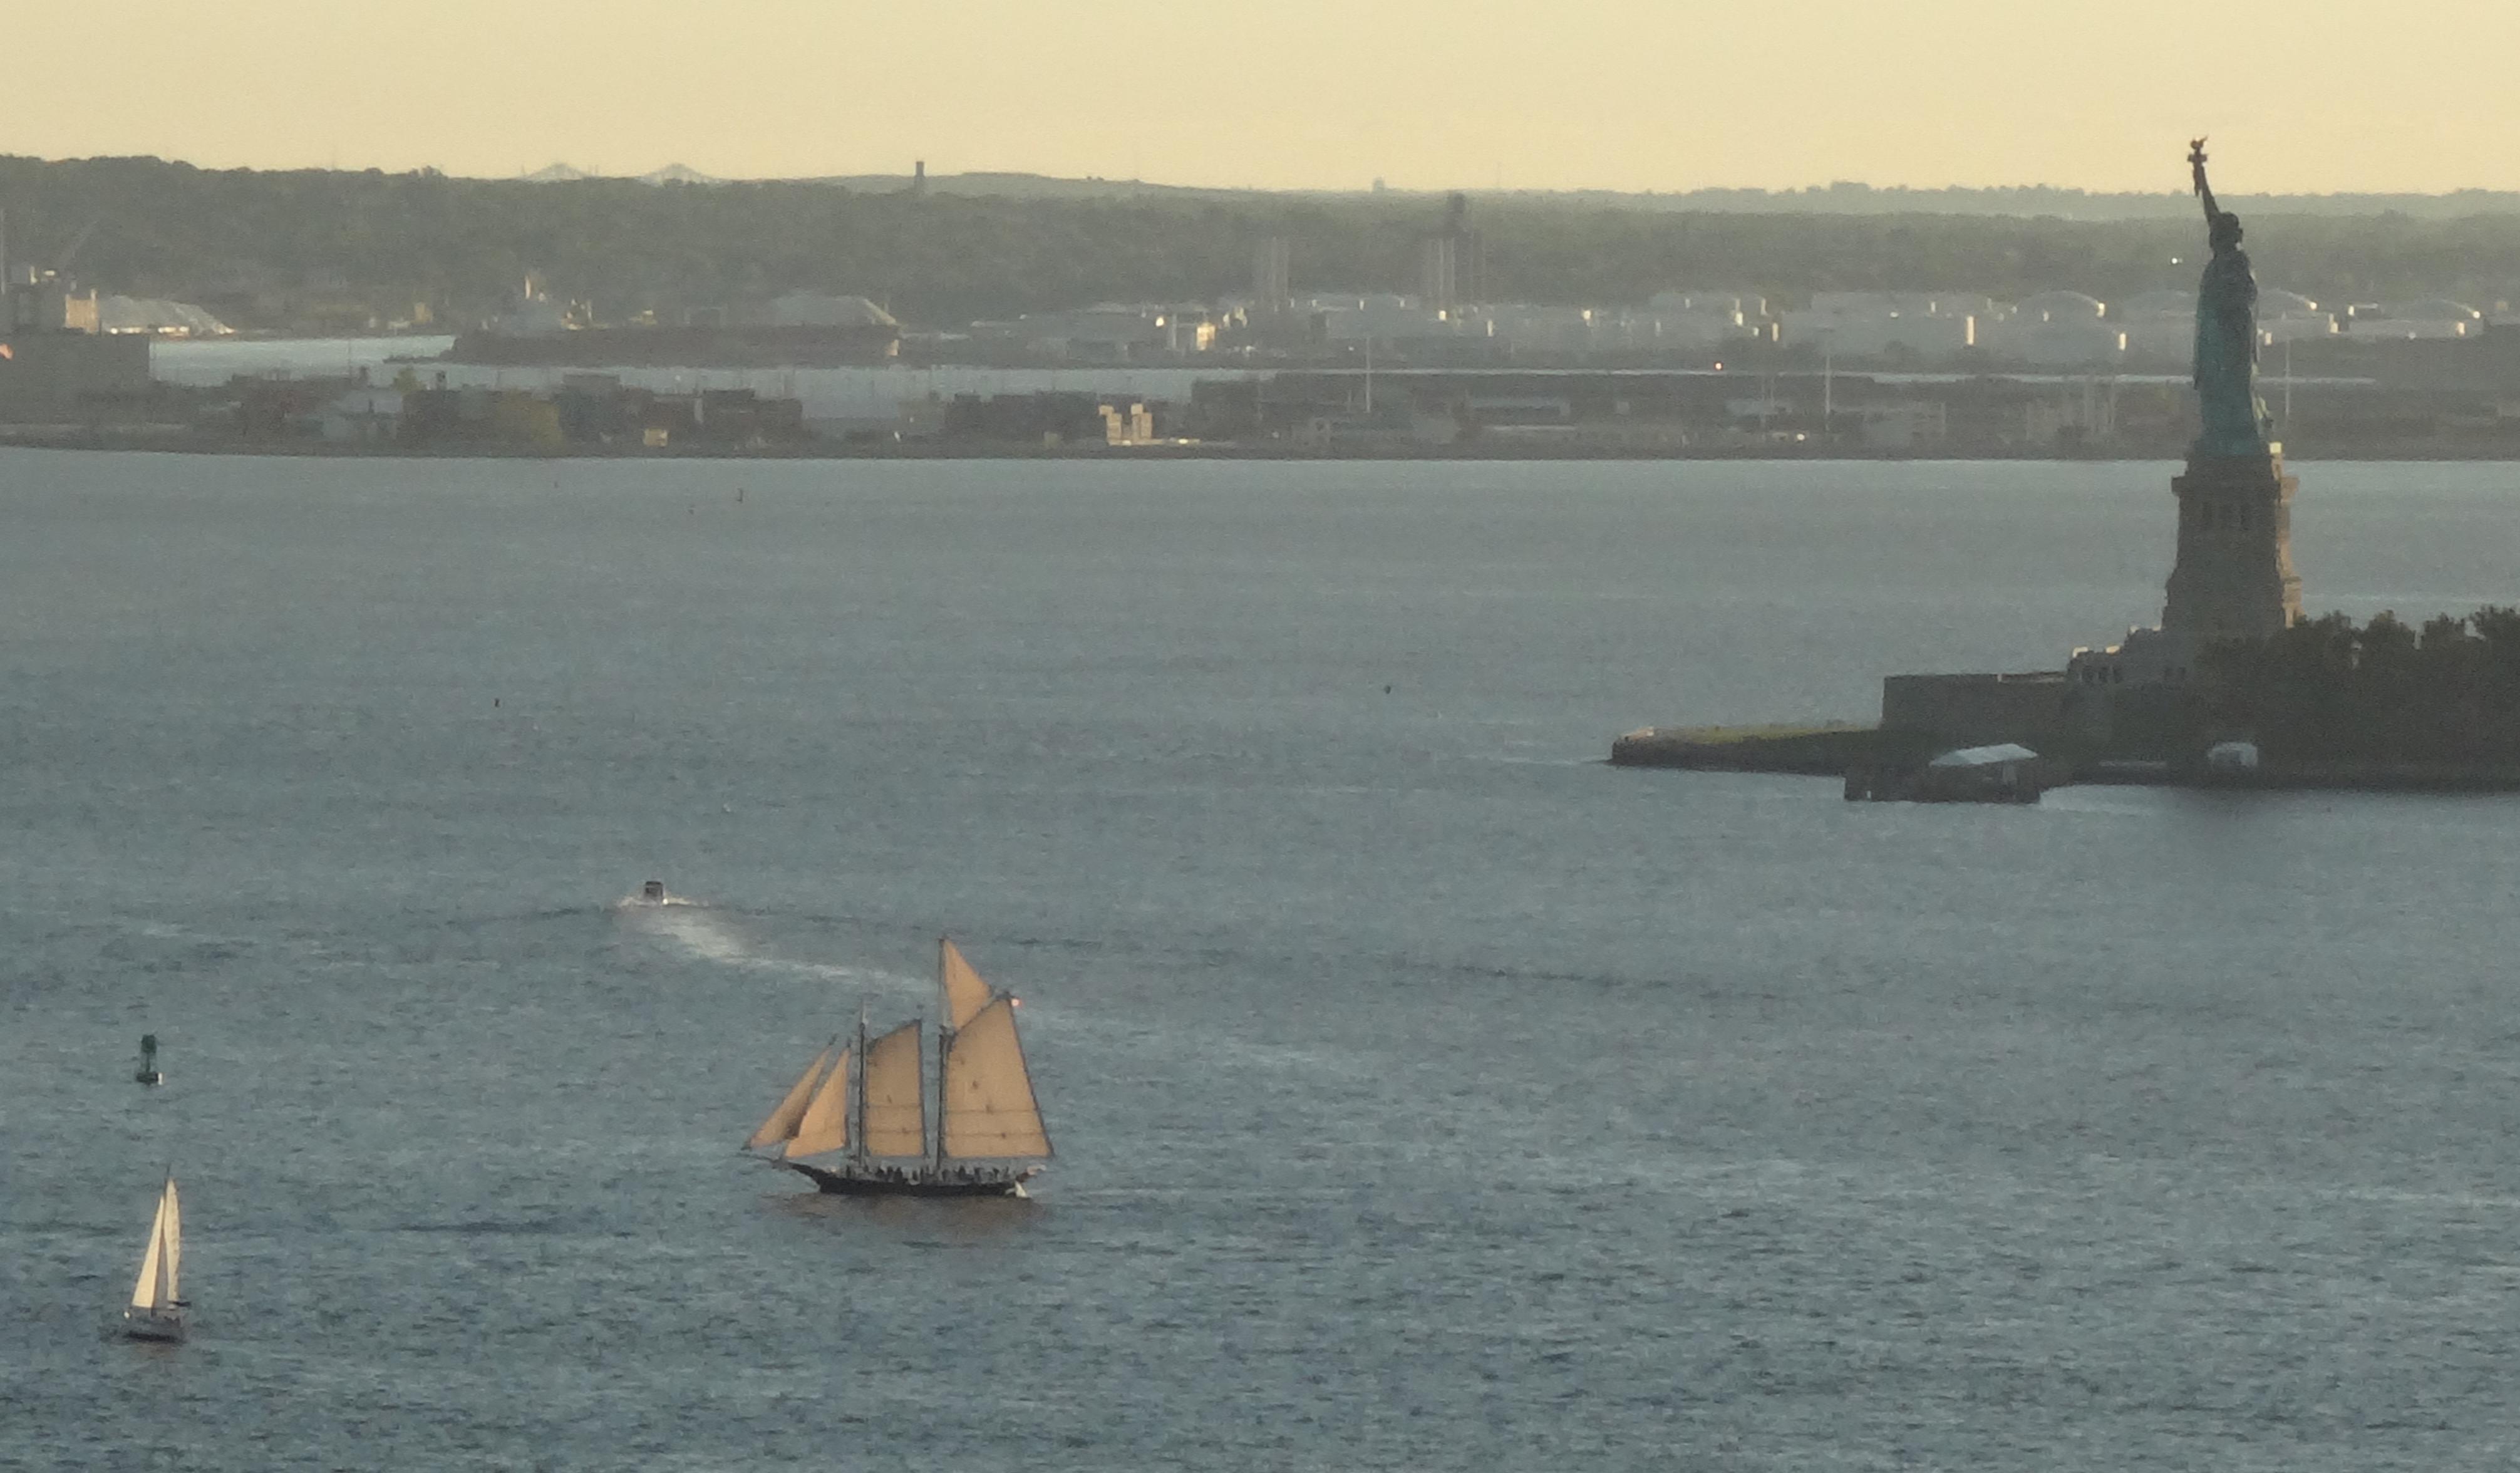 Sailboat-9-28-2013